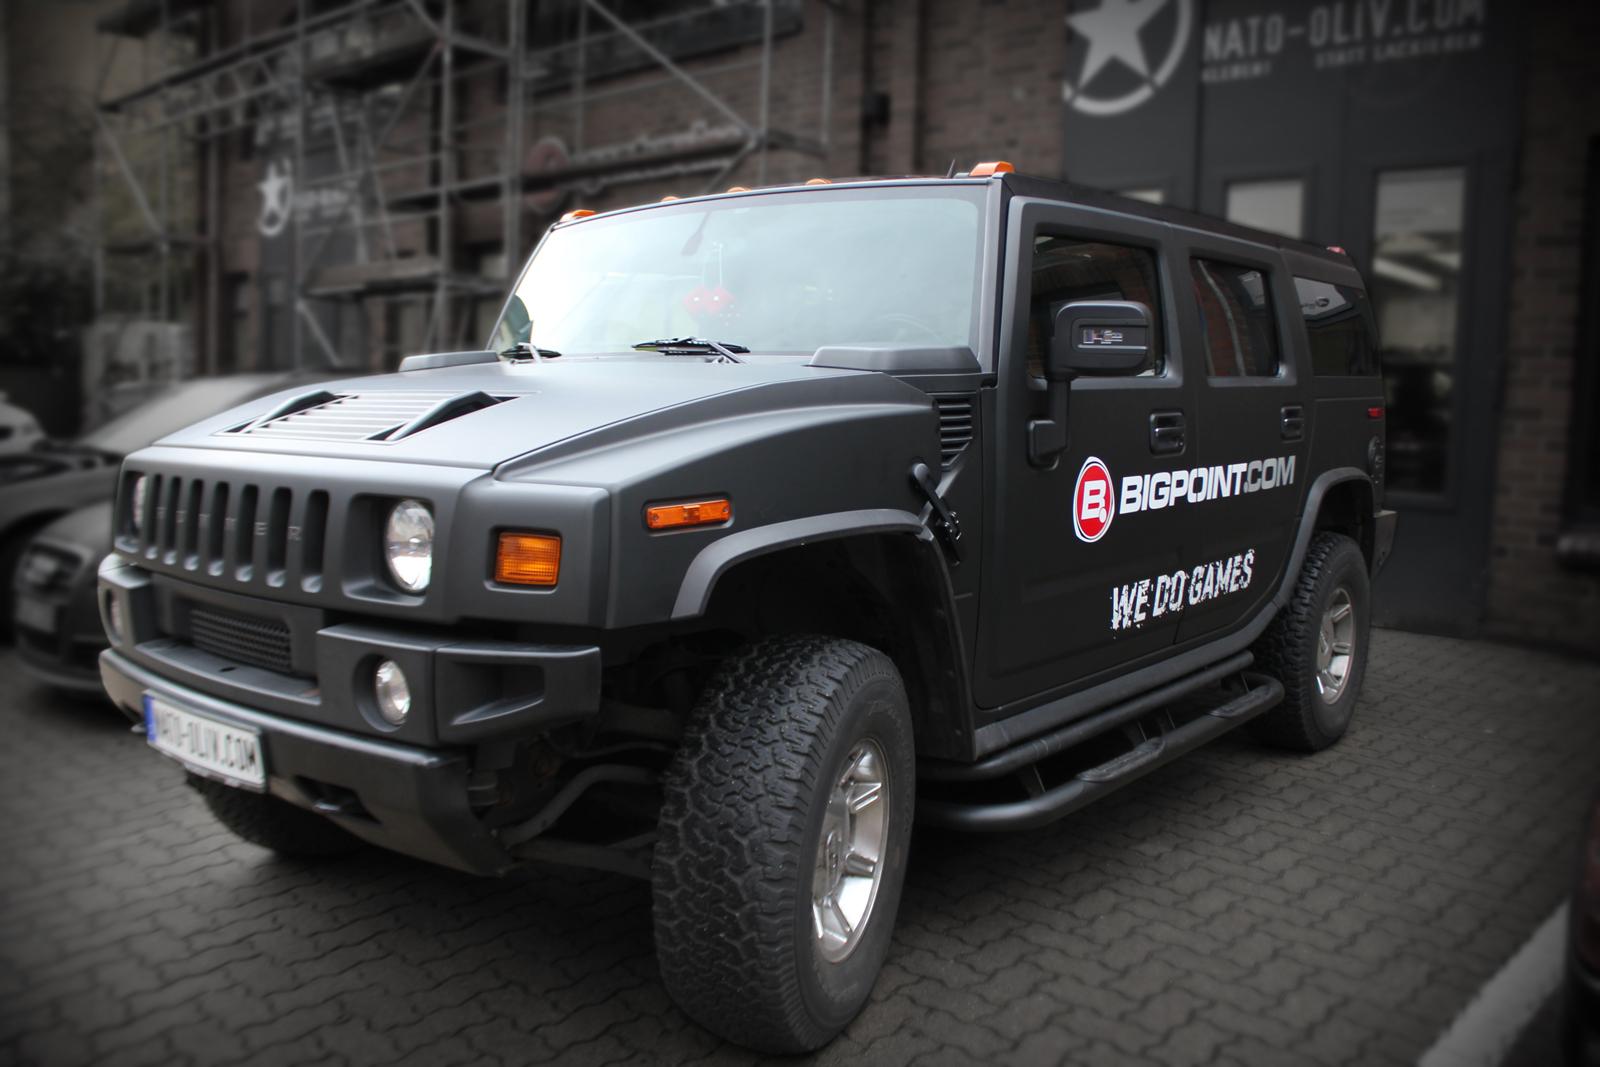 schraege Frontalansicht des Hummer H2 mit Folierung in schwarz matt und Firmenlogo als Brandings